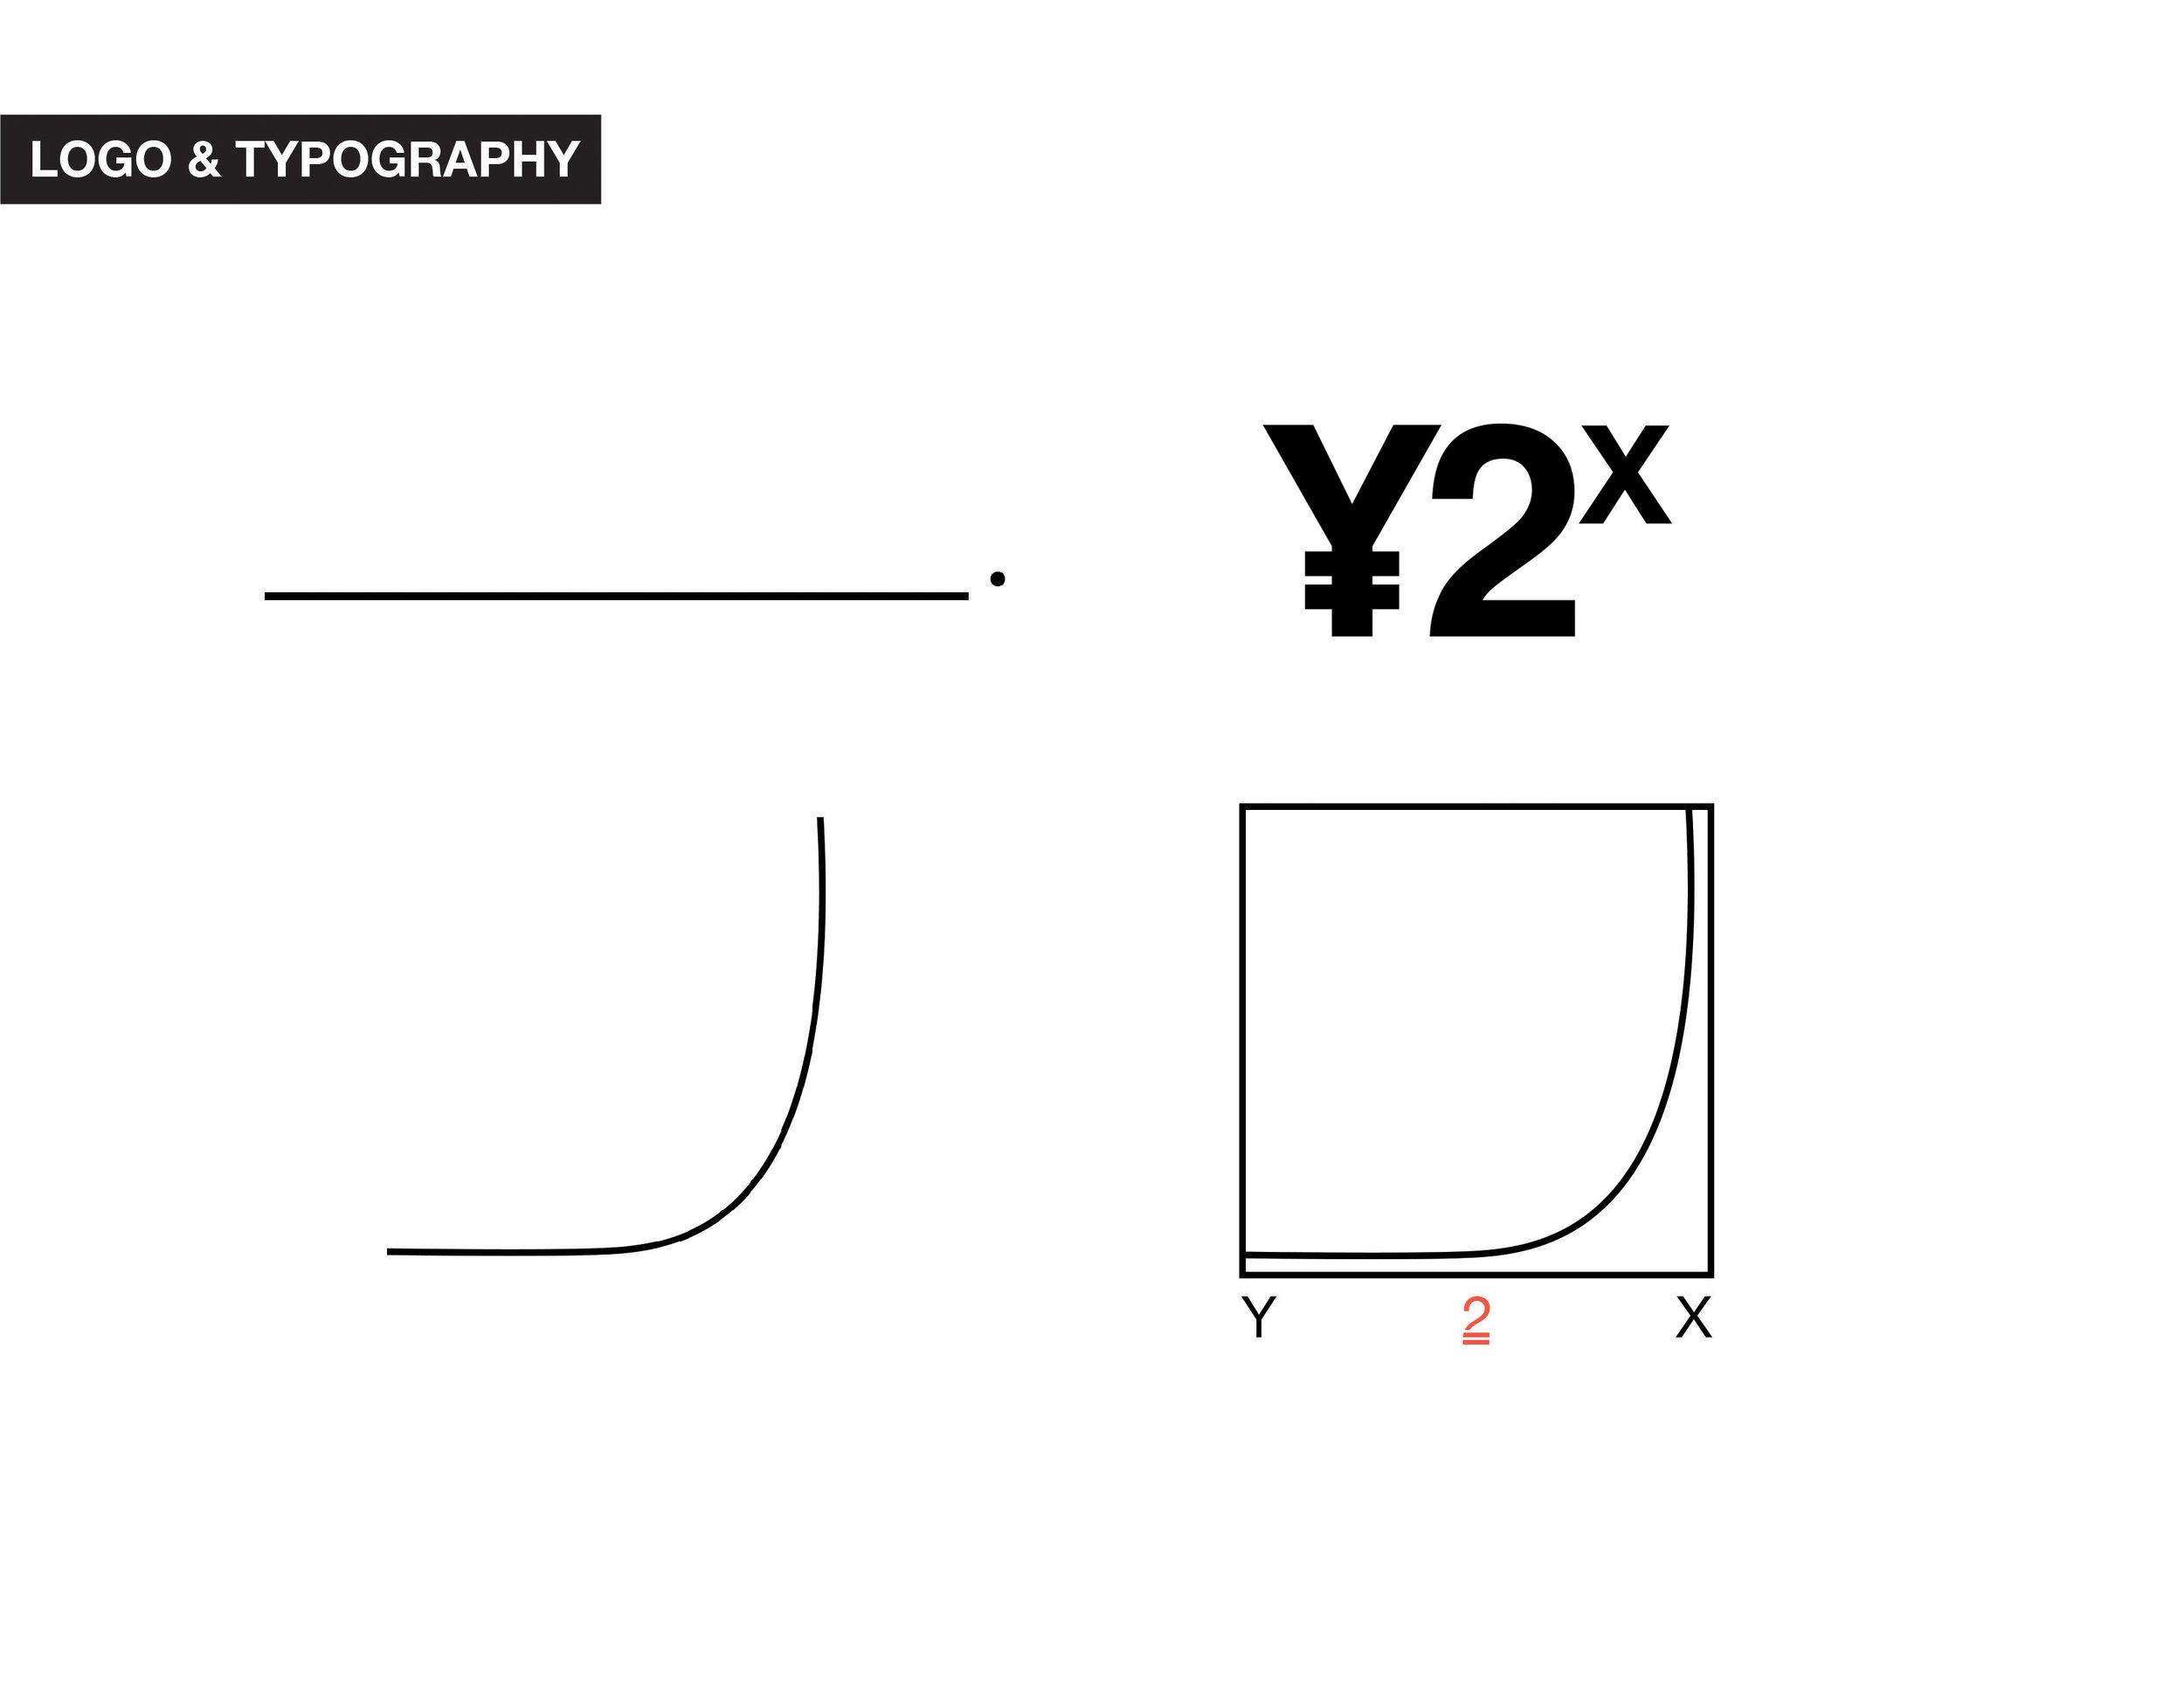 Y2X logo